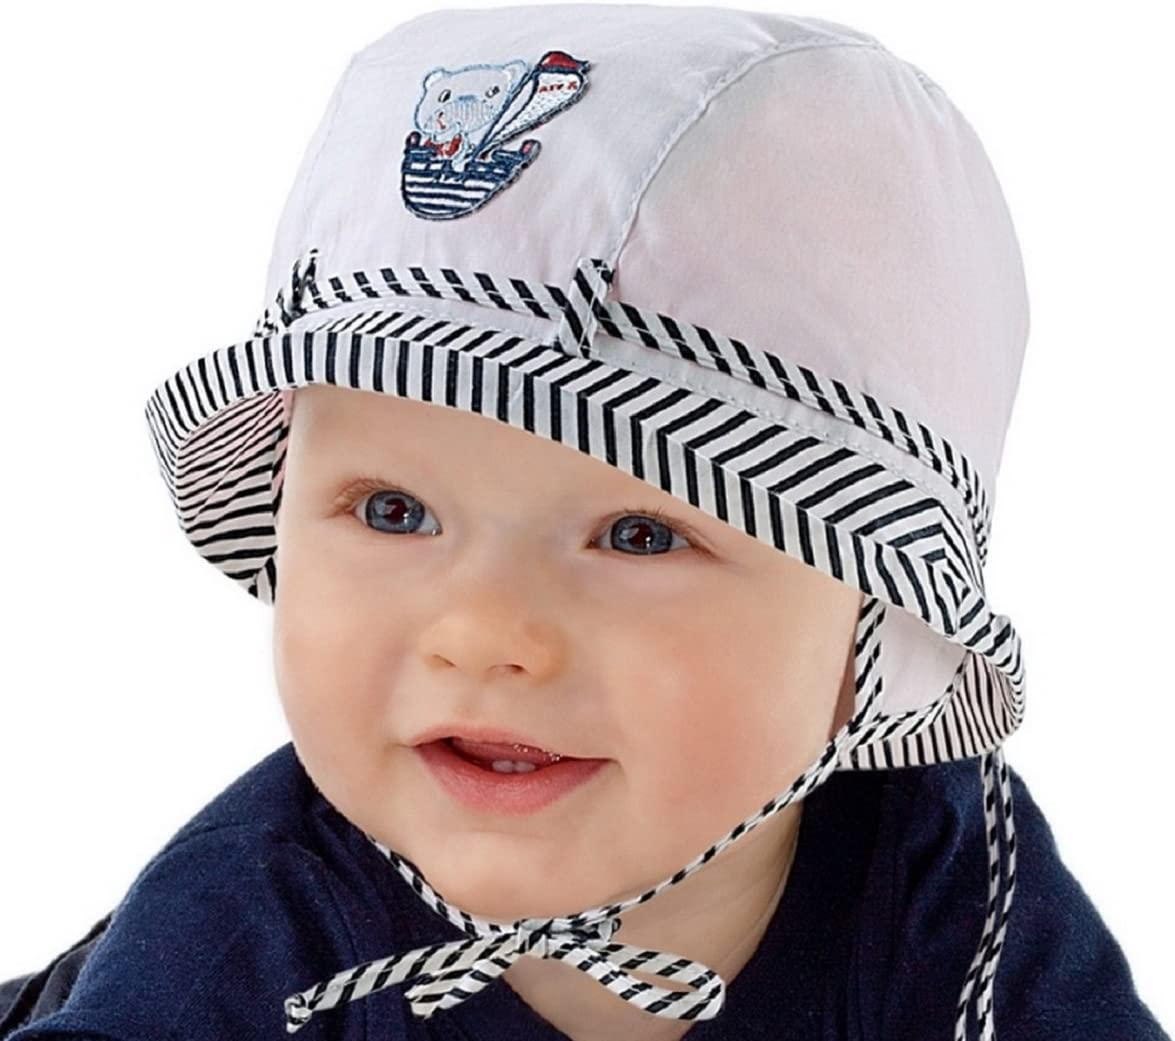 nueva colecci/ón marinera White Navy Talla:12-18 months 48cm 6/9/12/18/24/meses 2/a/3/a/ños para vacaciones en la playa Sombreo de sol para beb/é sombrero de verano